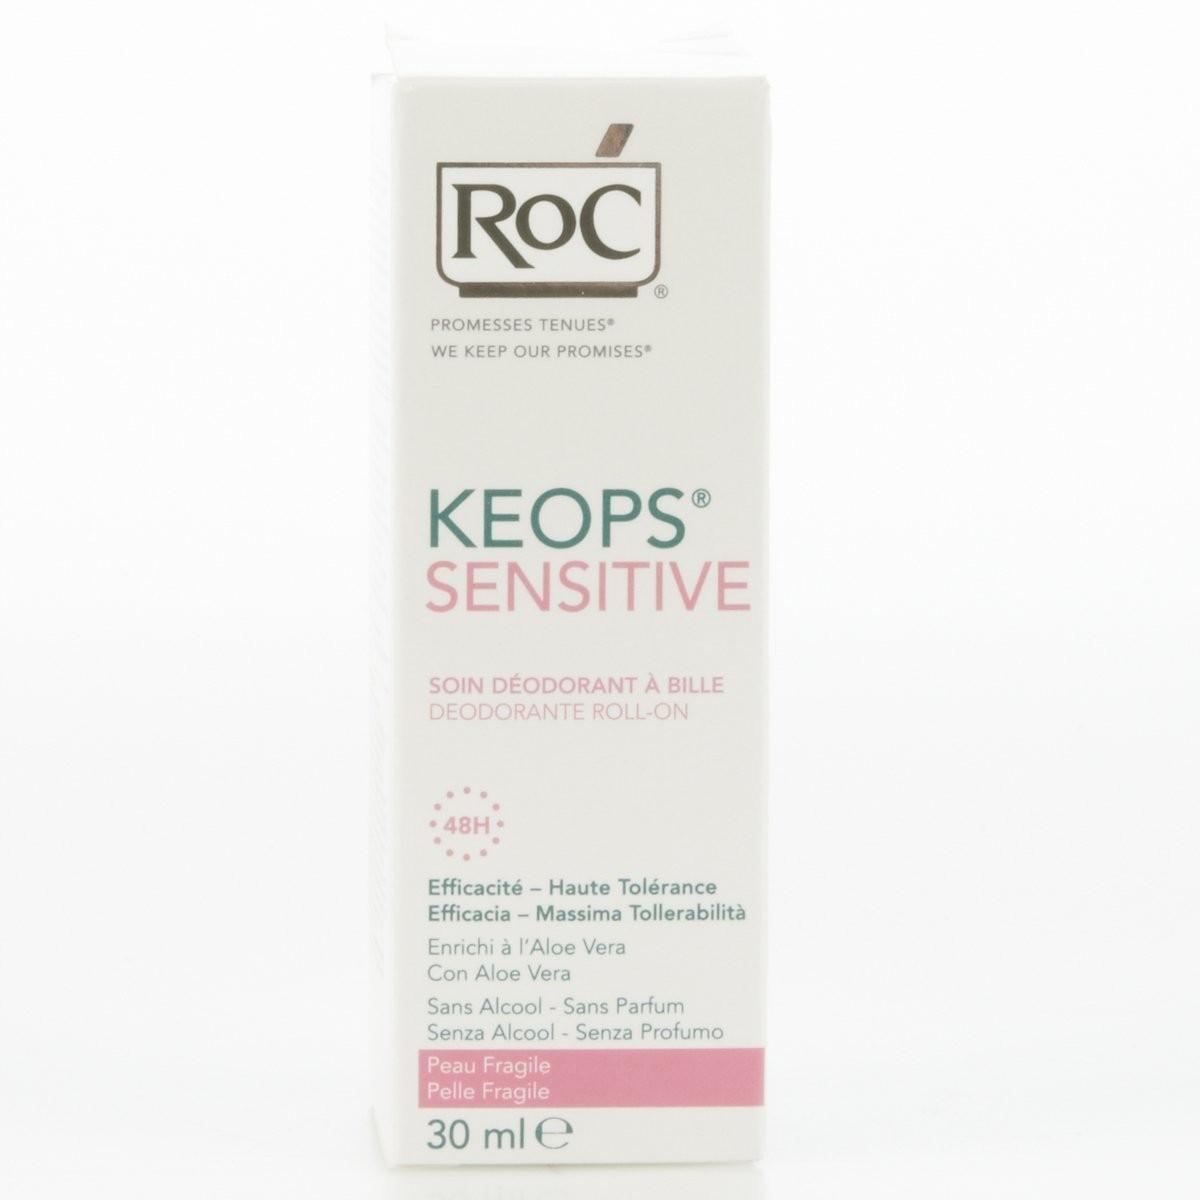 Rock Deodorante roll on Keops Sensitive